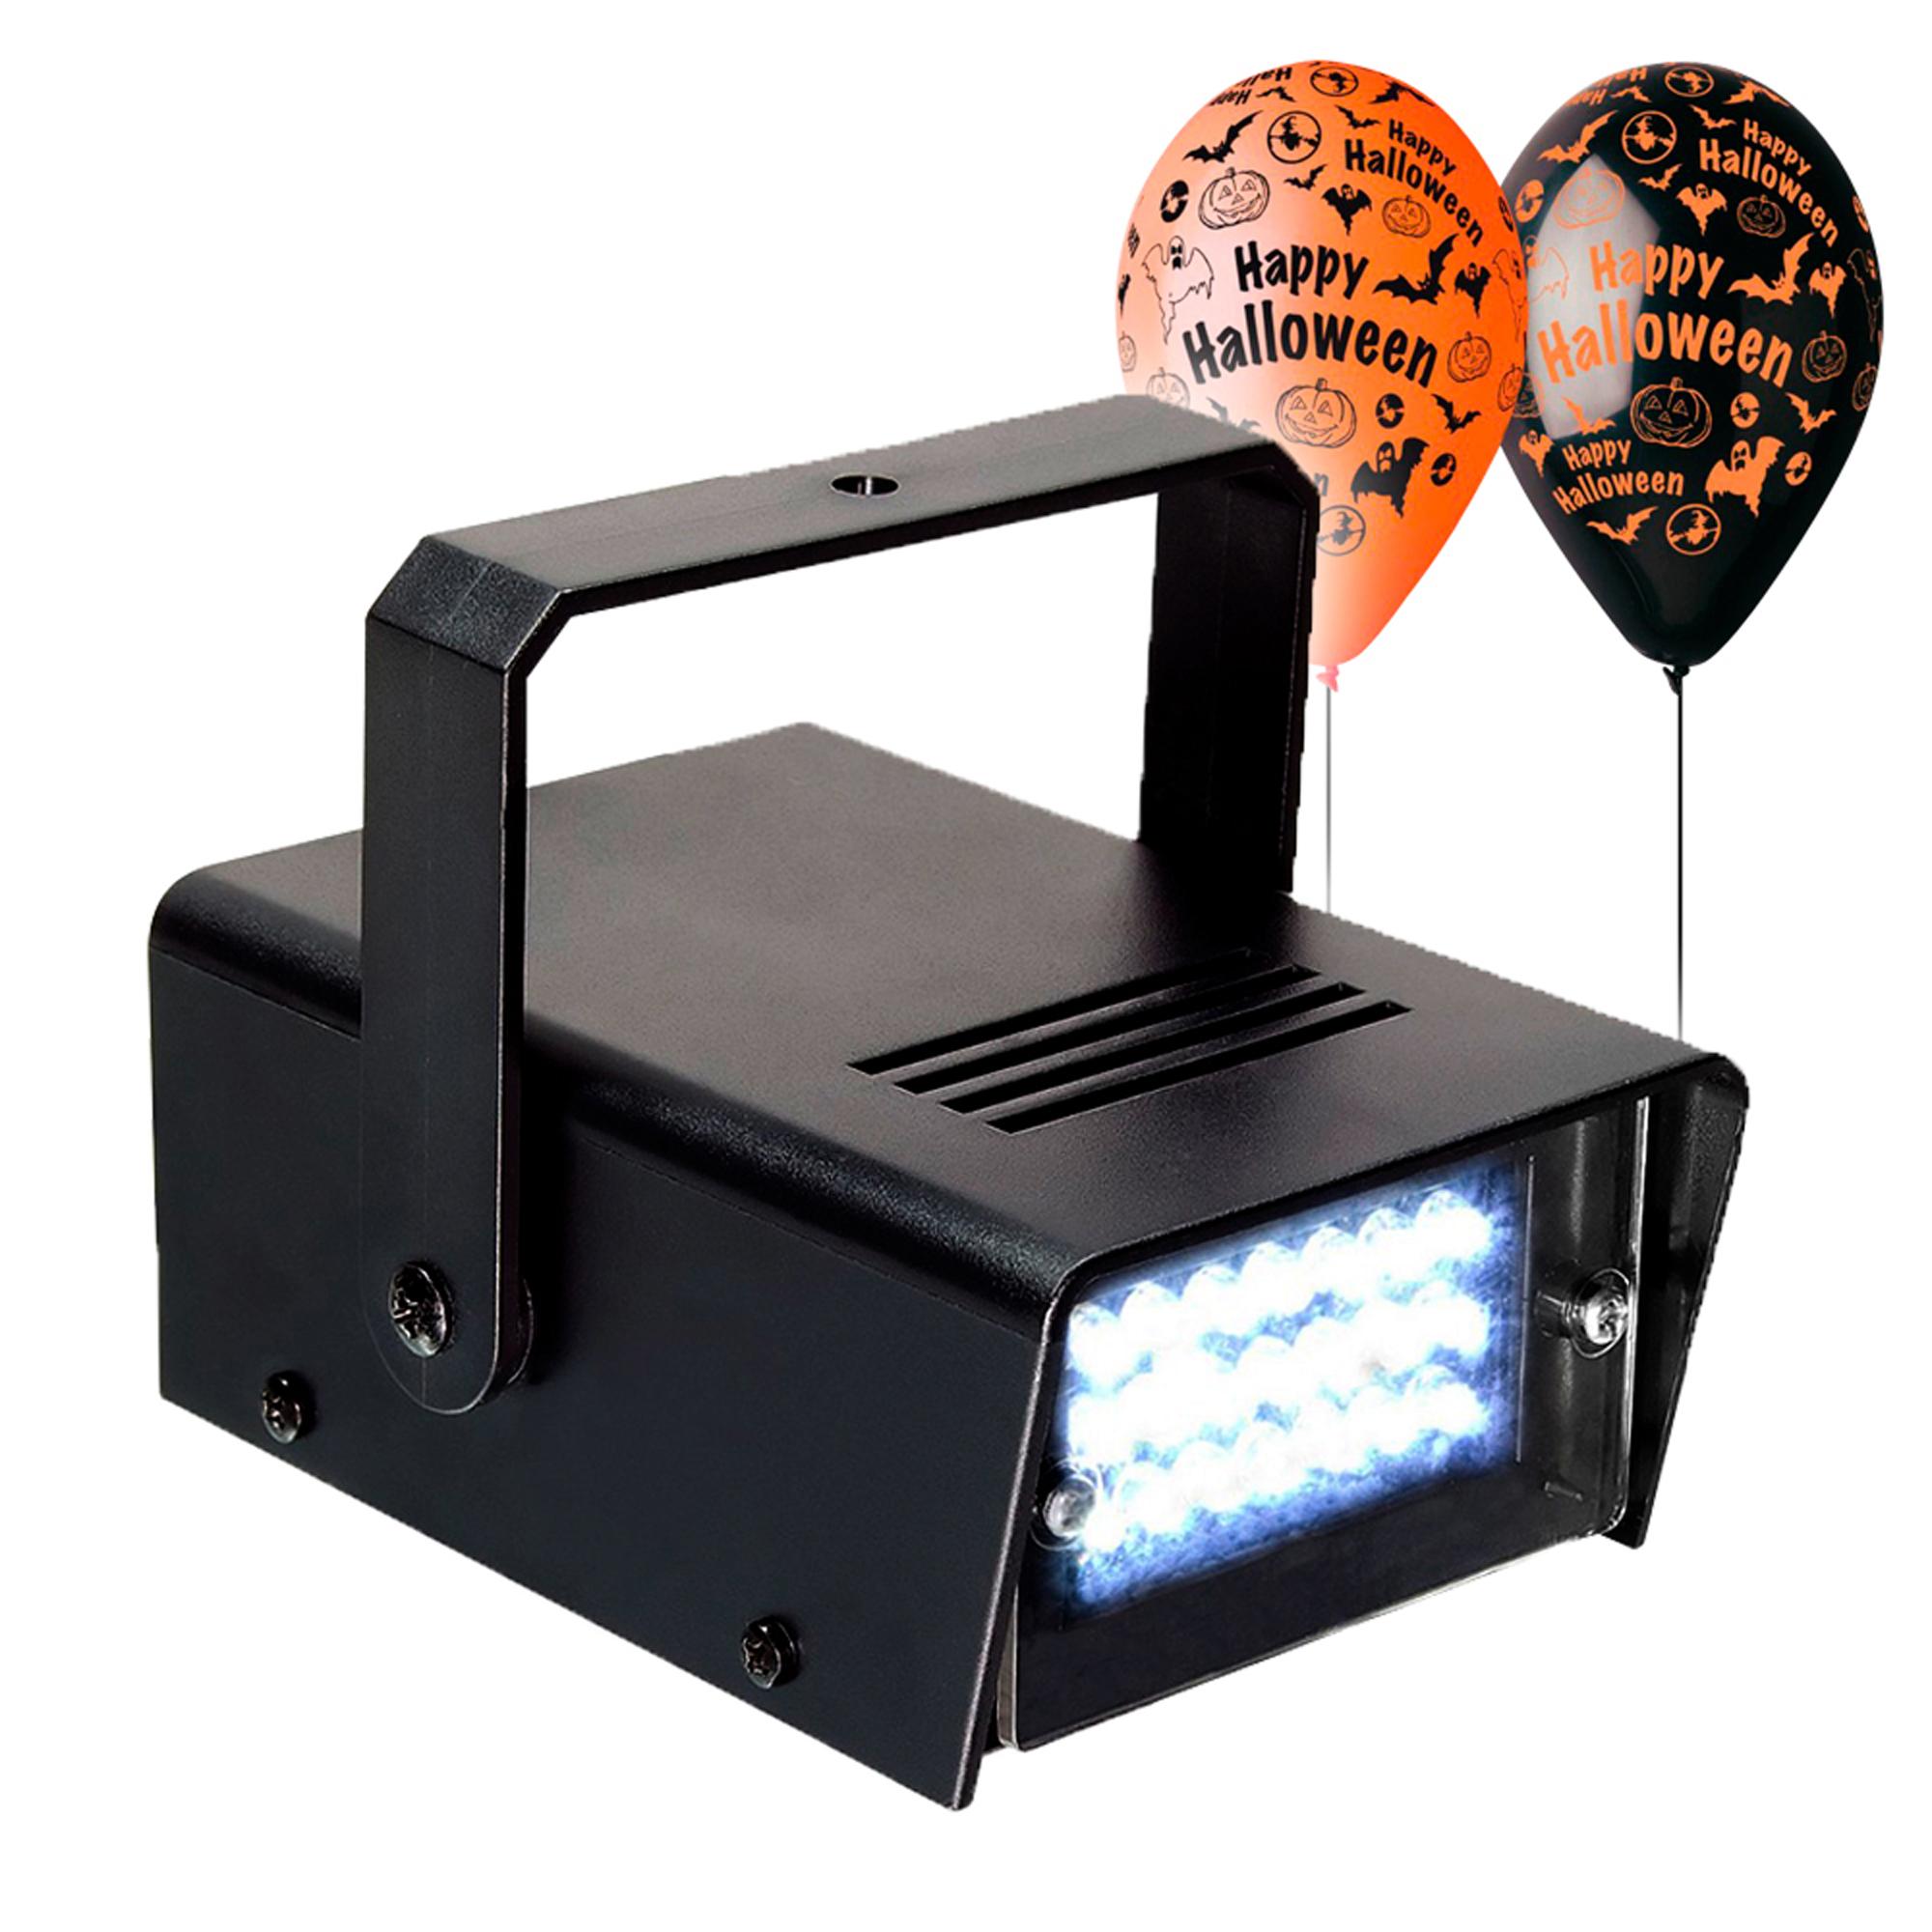 BeamZ Mini Stroboscope Strobe Light - Party Light & Halloween Balloon